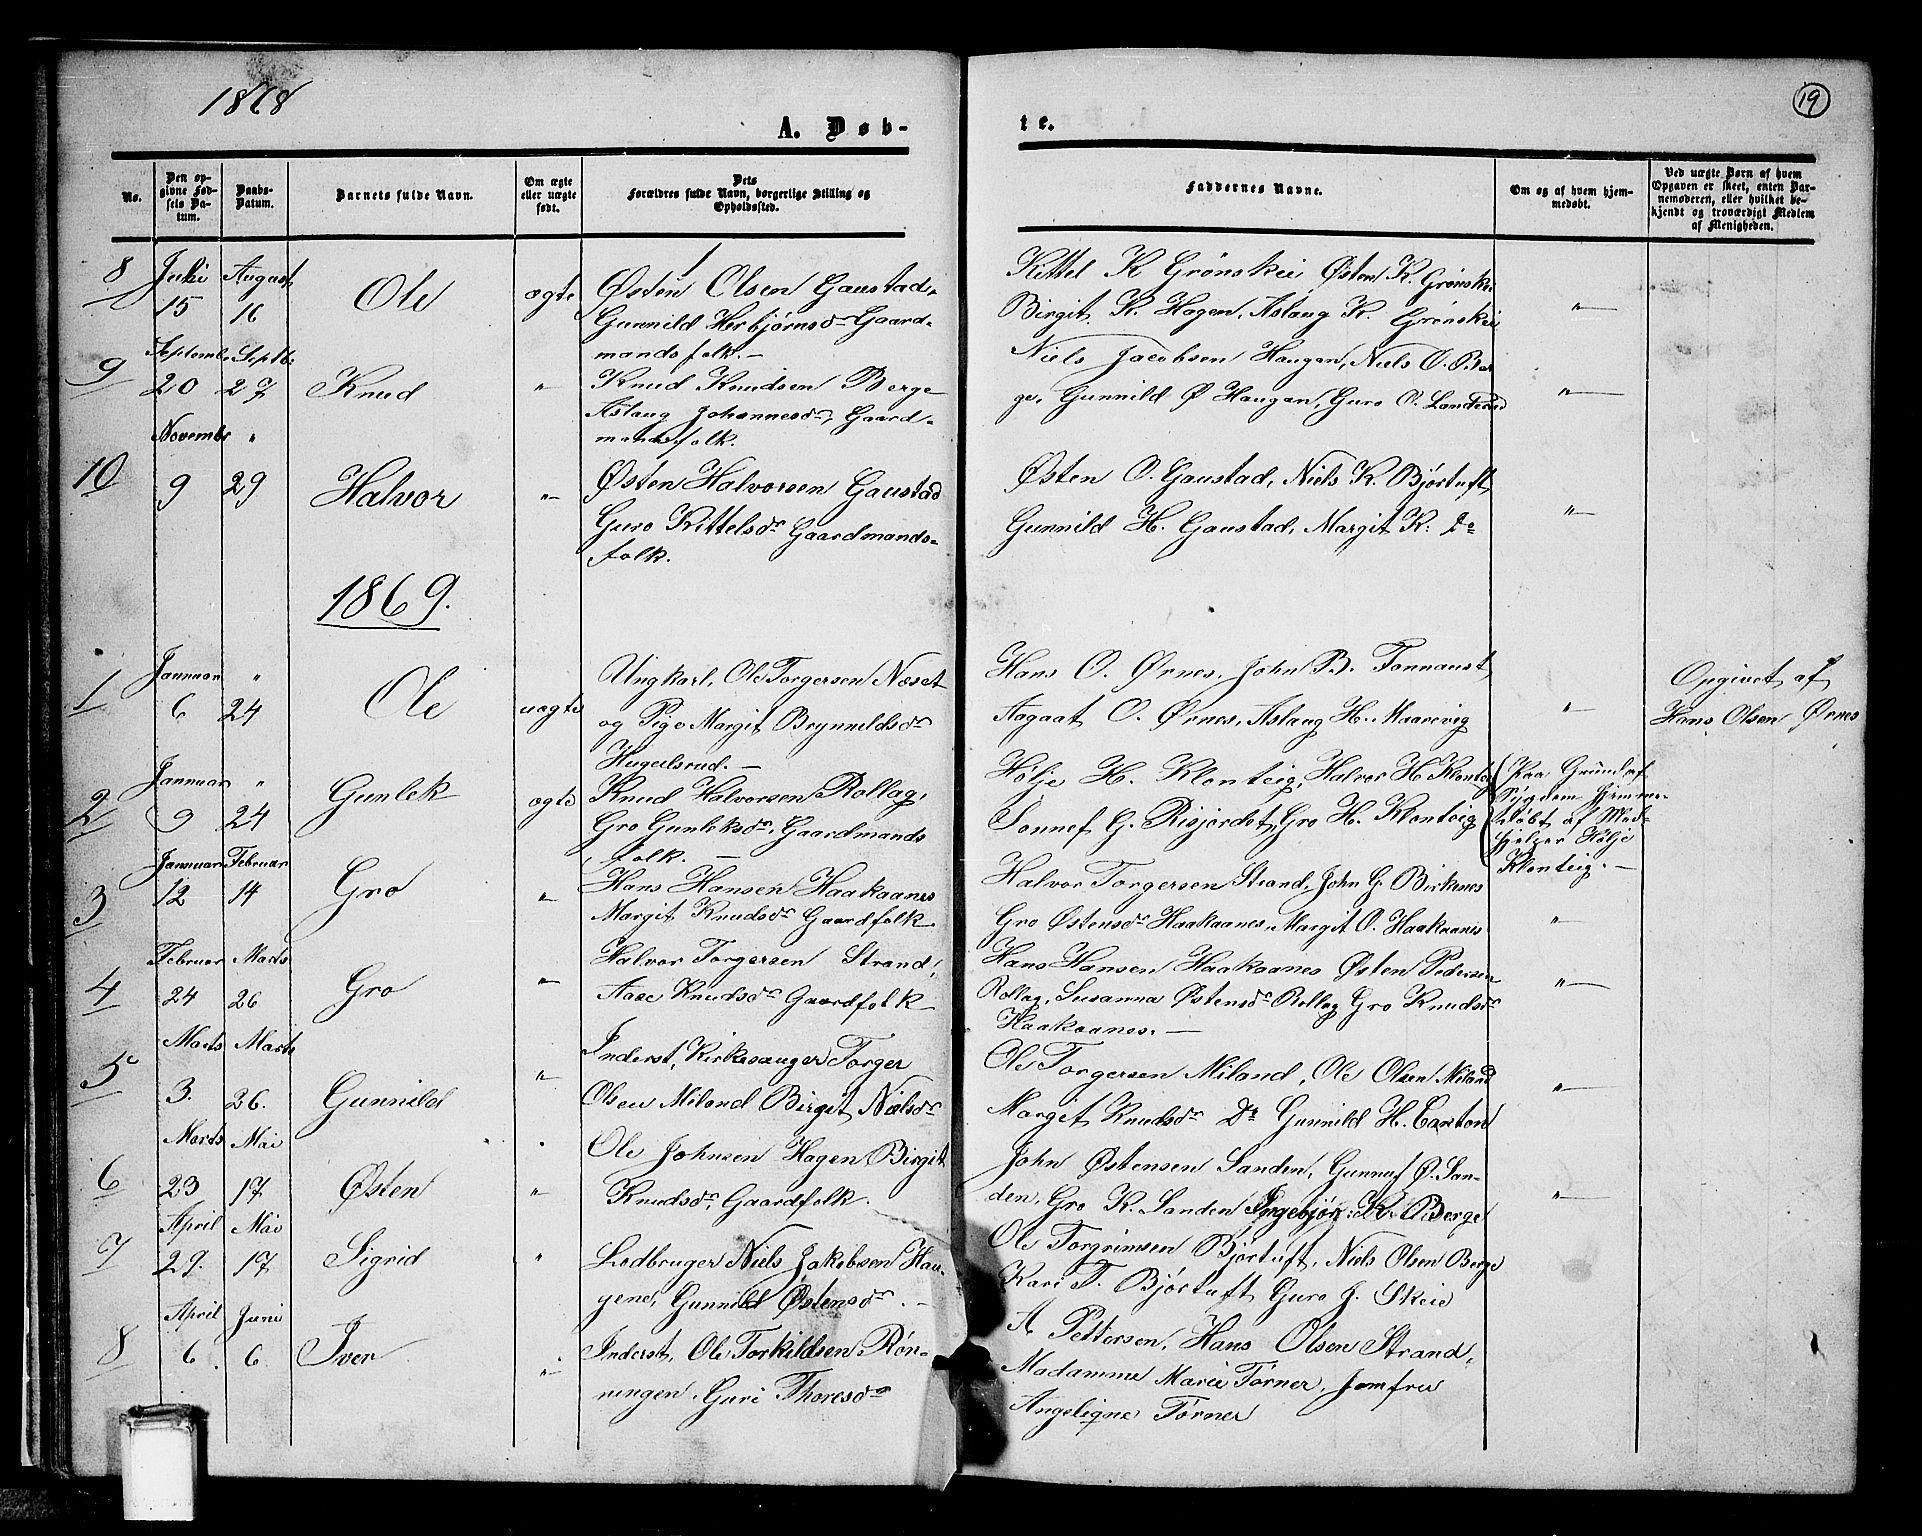 SAKO, Tinn kirkebøker, G/Gb/L0002: Klokkerbok nr. II 2, 1851-1886, s. 19